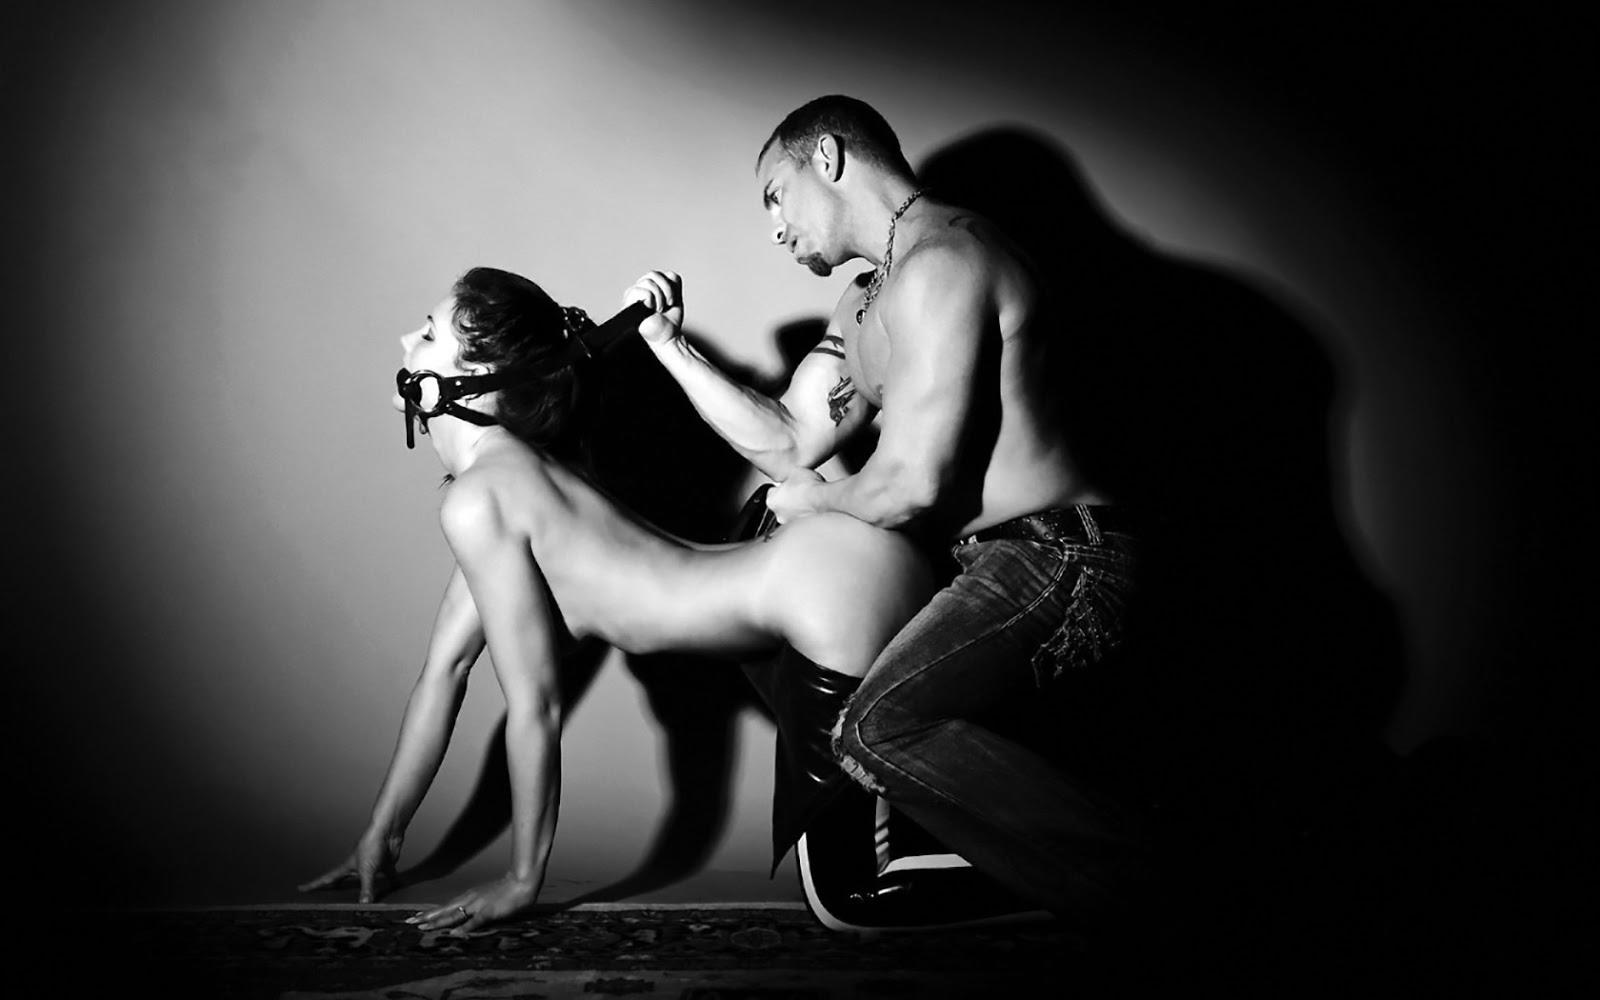 Сексуальные фантазии женщин и девушек 27 фотография